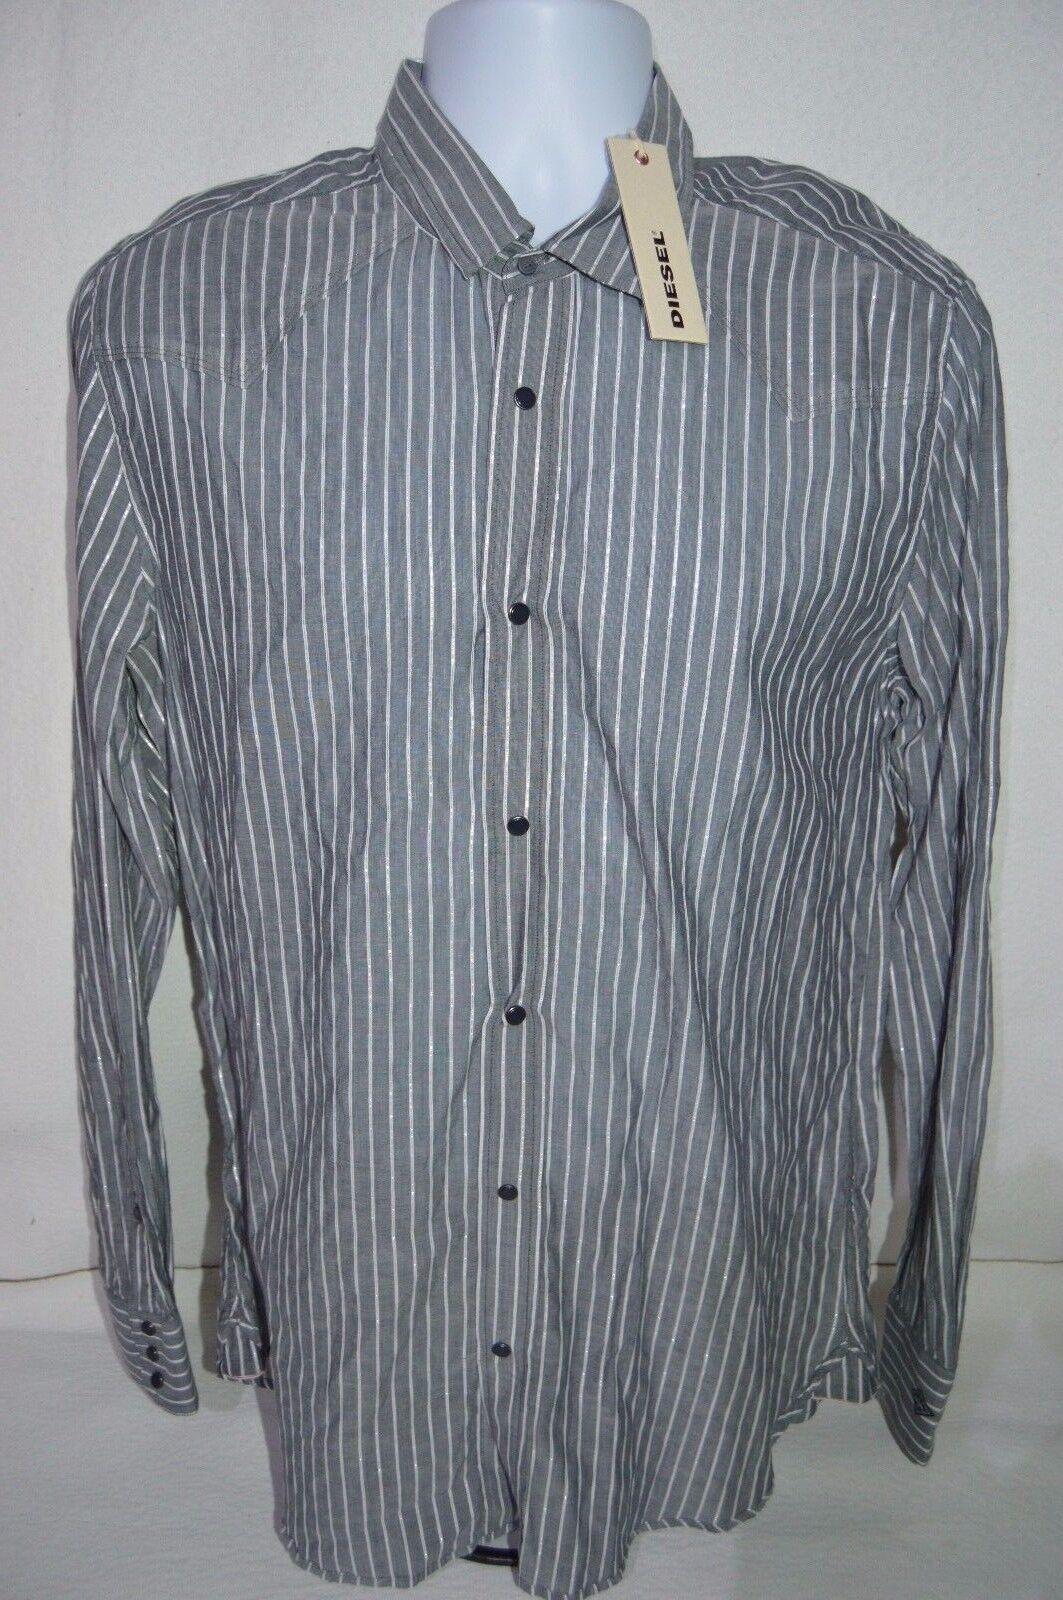 DIESEL Man's SISALIKO Casual Sheer Shirt  NEW  Size Large  Retail